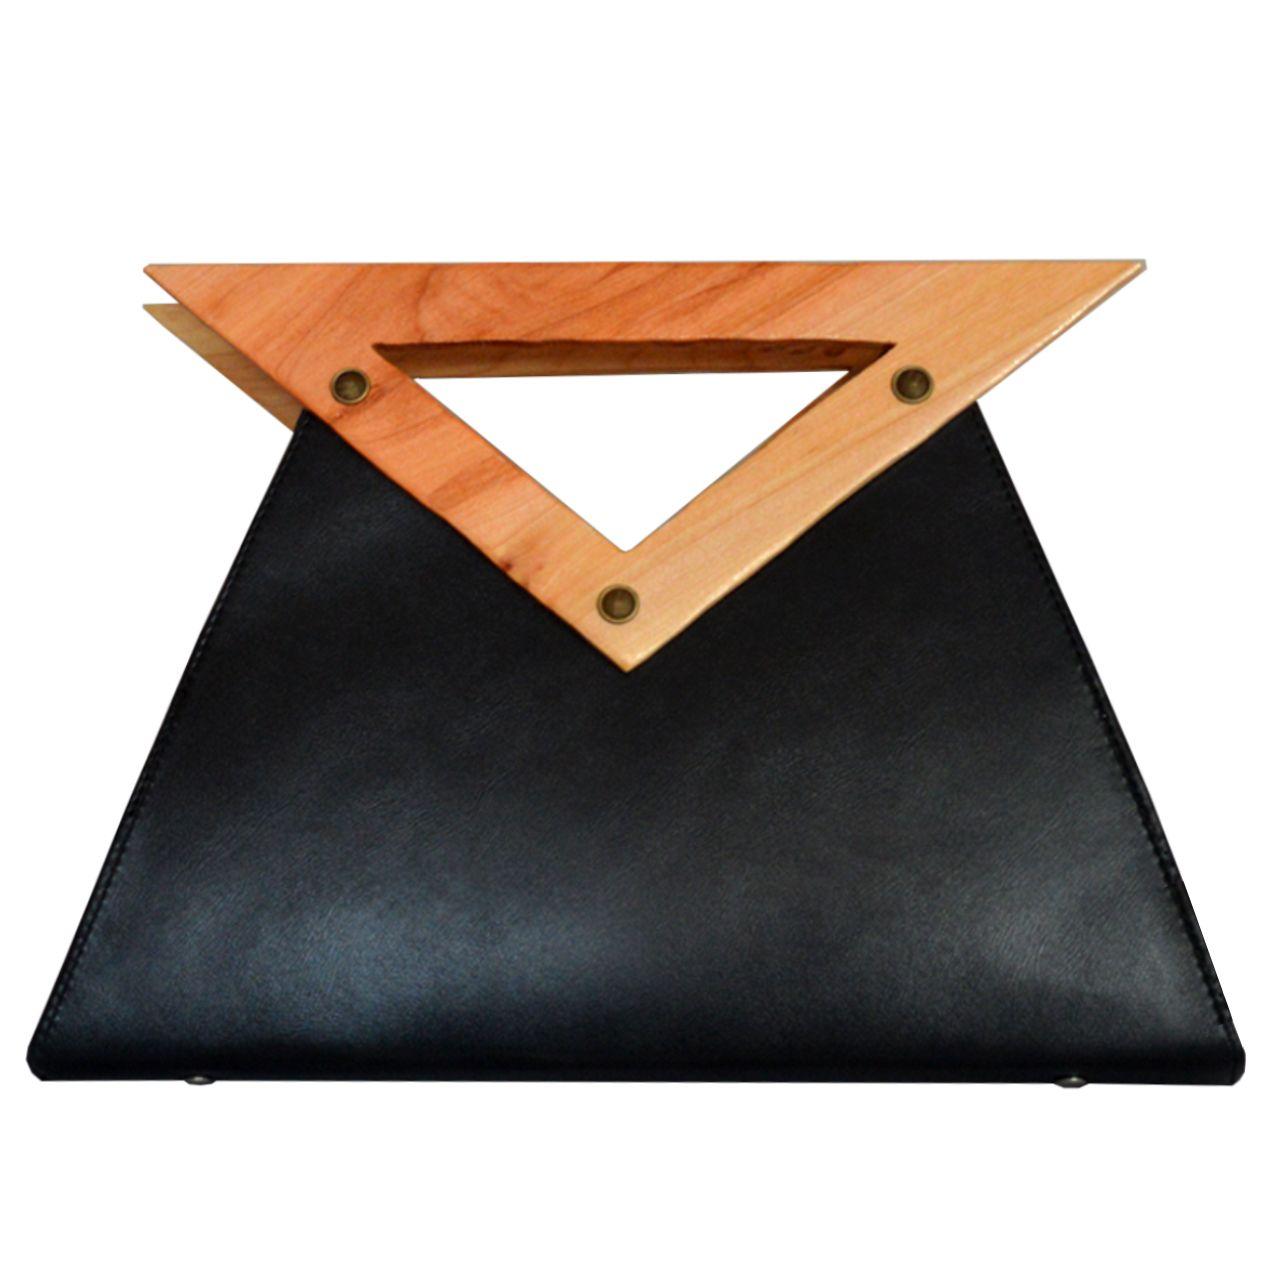 کیف زنانه دالاوین مدل دسته چوبی -  - 2